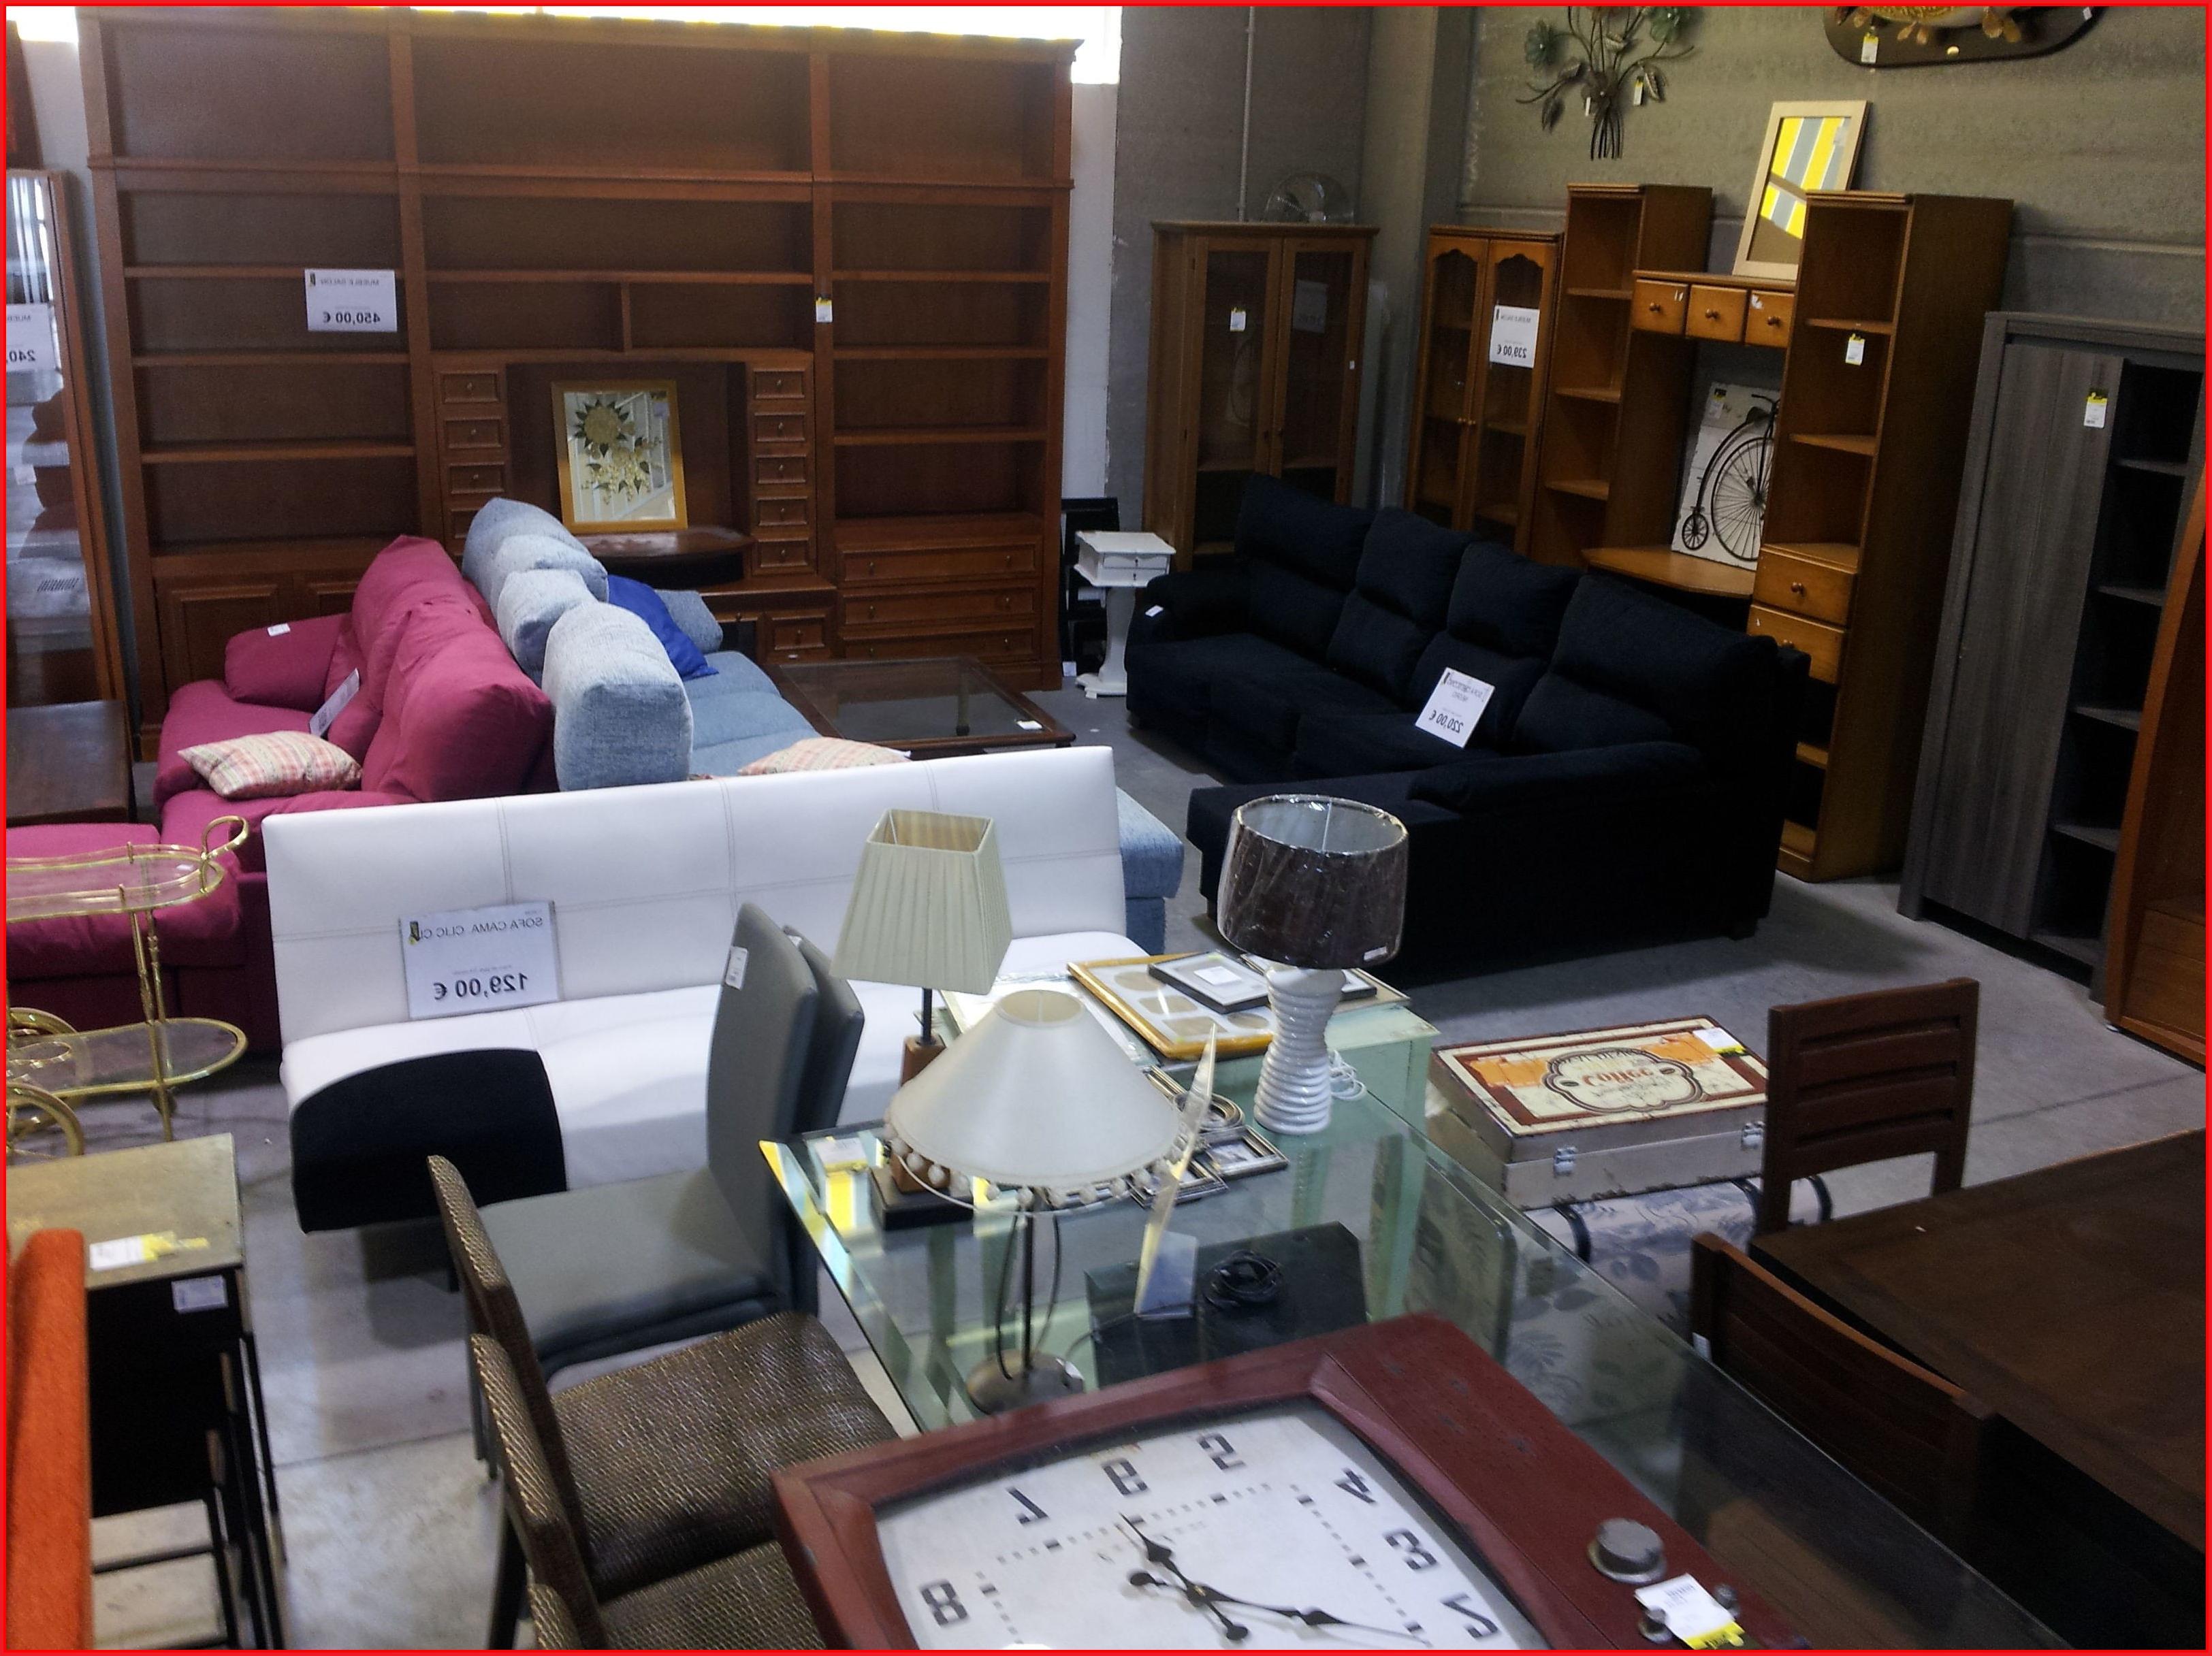 Vender Muebles Usados Barcelona 8ydm Vender Muebles De Segunda Mano Pro Muebles Segunda Mano Pra